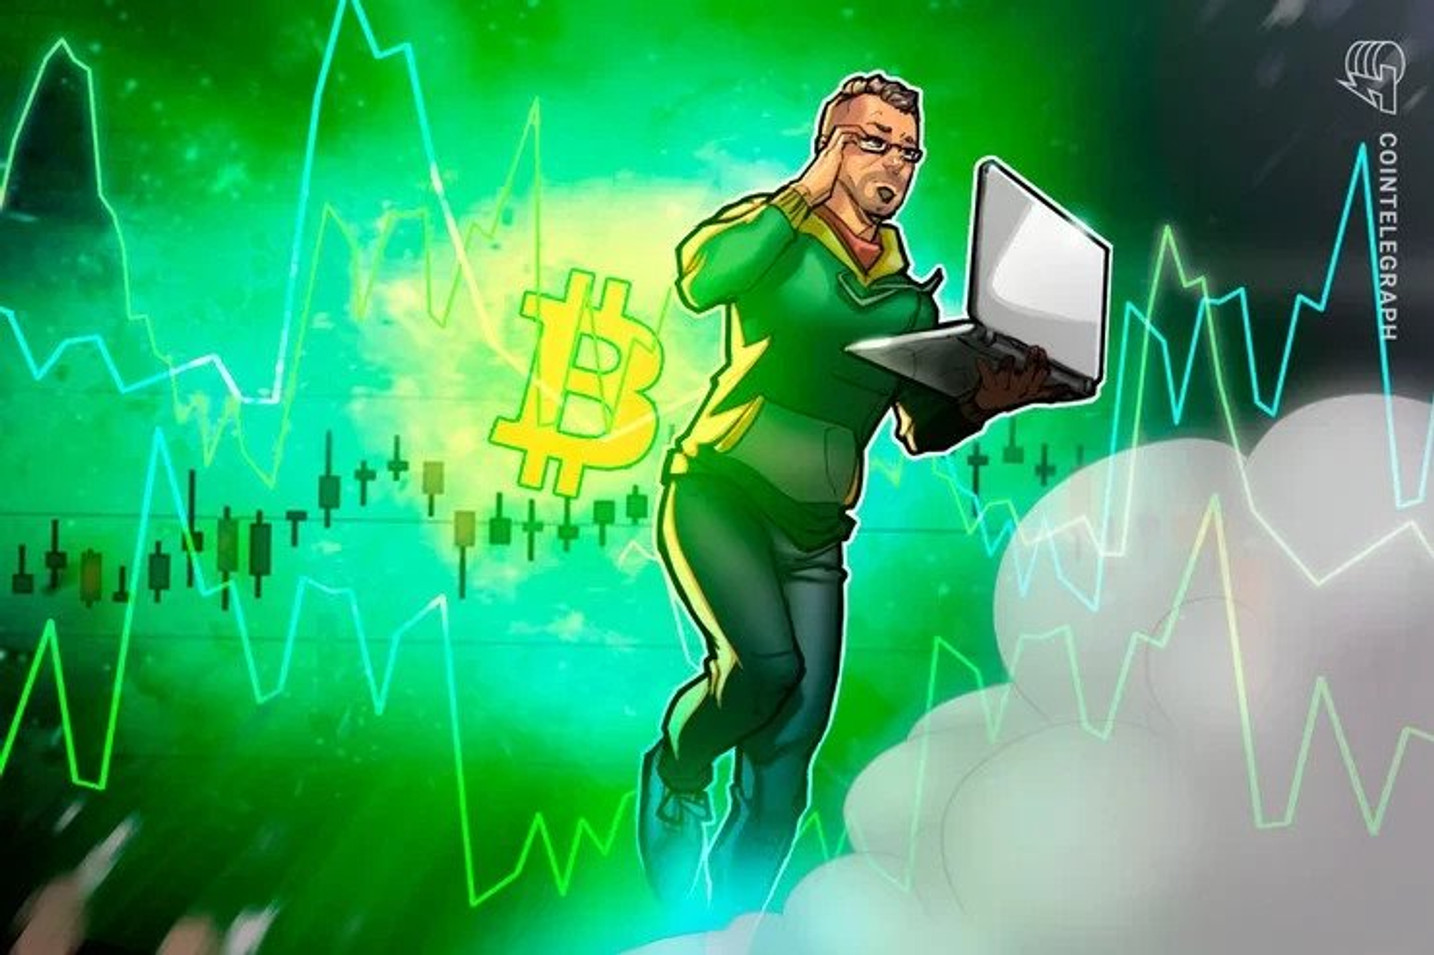 Depois de vencer os US$ 10 mil, Bitcoin corrige para US$ 9.800 e analistas tentam prever próximos movimentos